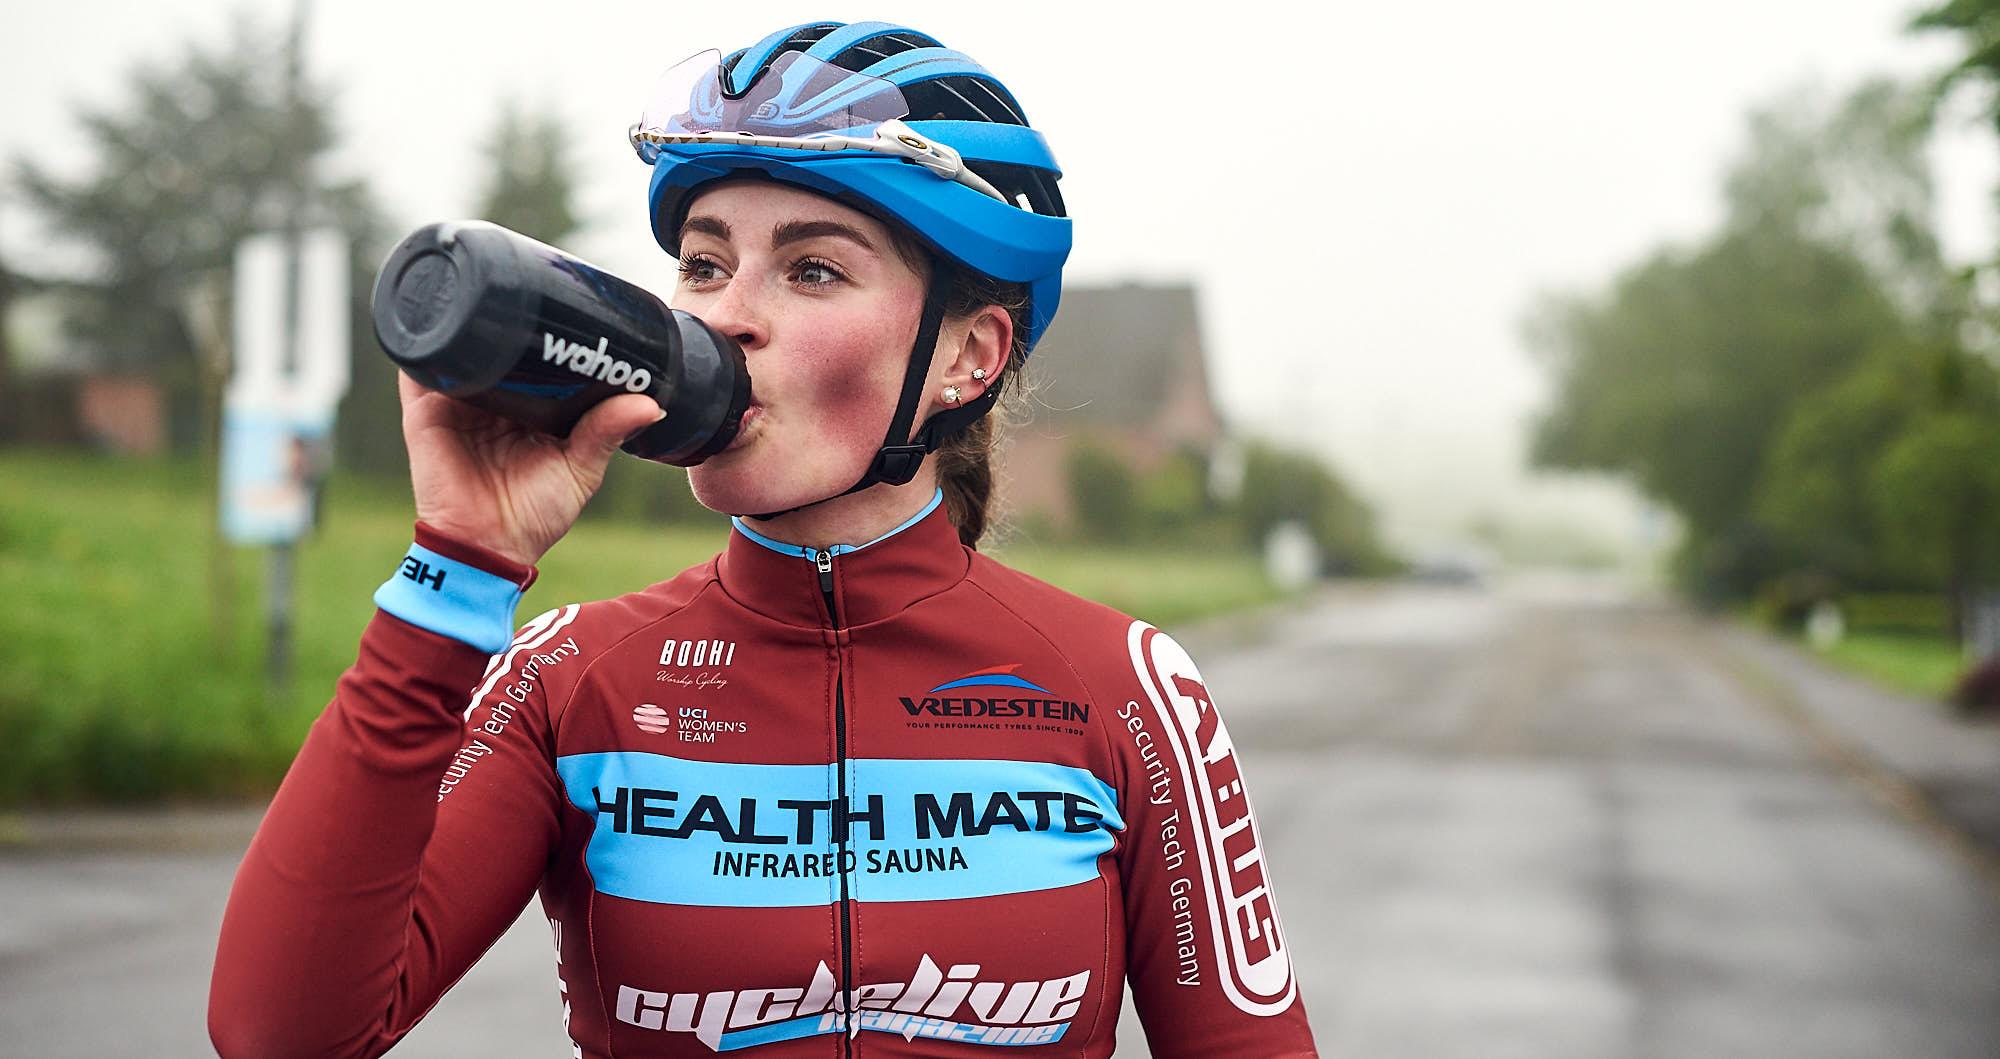 Elodie Kuijper rehydrating during training